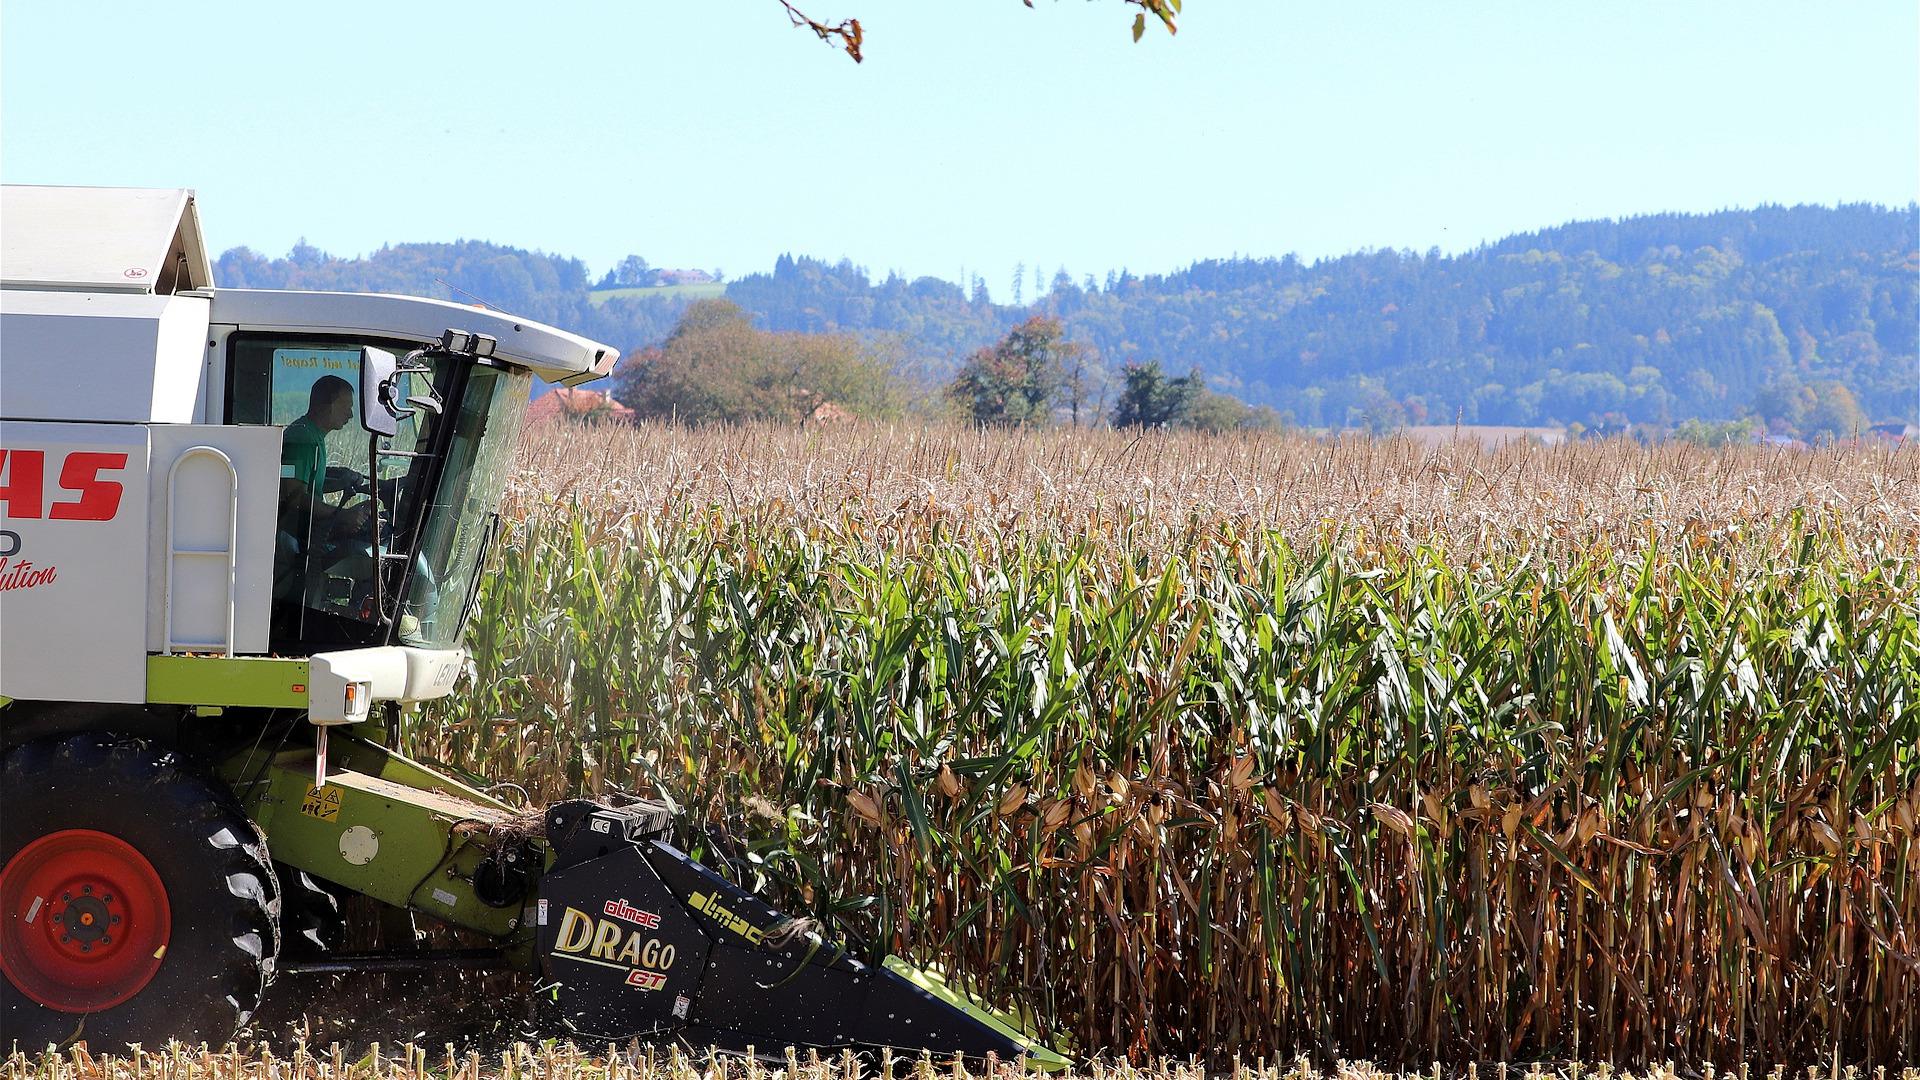 ayudas-de-la-xunta-para-fomentar-el-uso-de-maquinaria-agricola-en-regimen-asociativo-1920